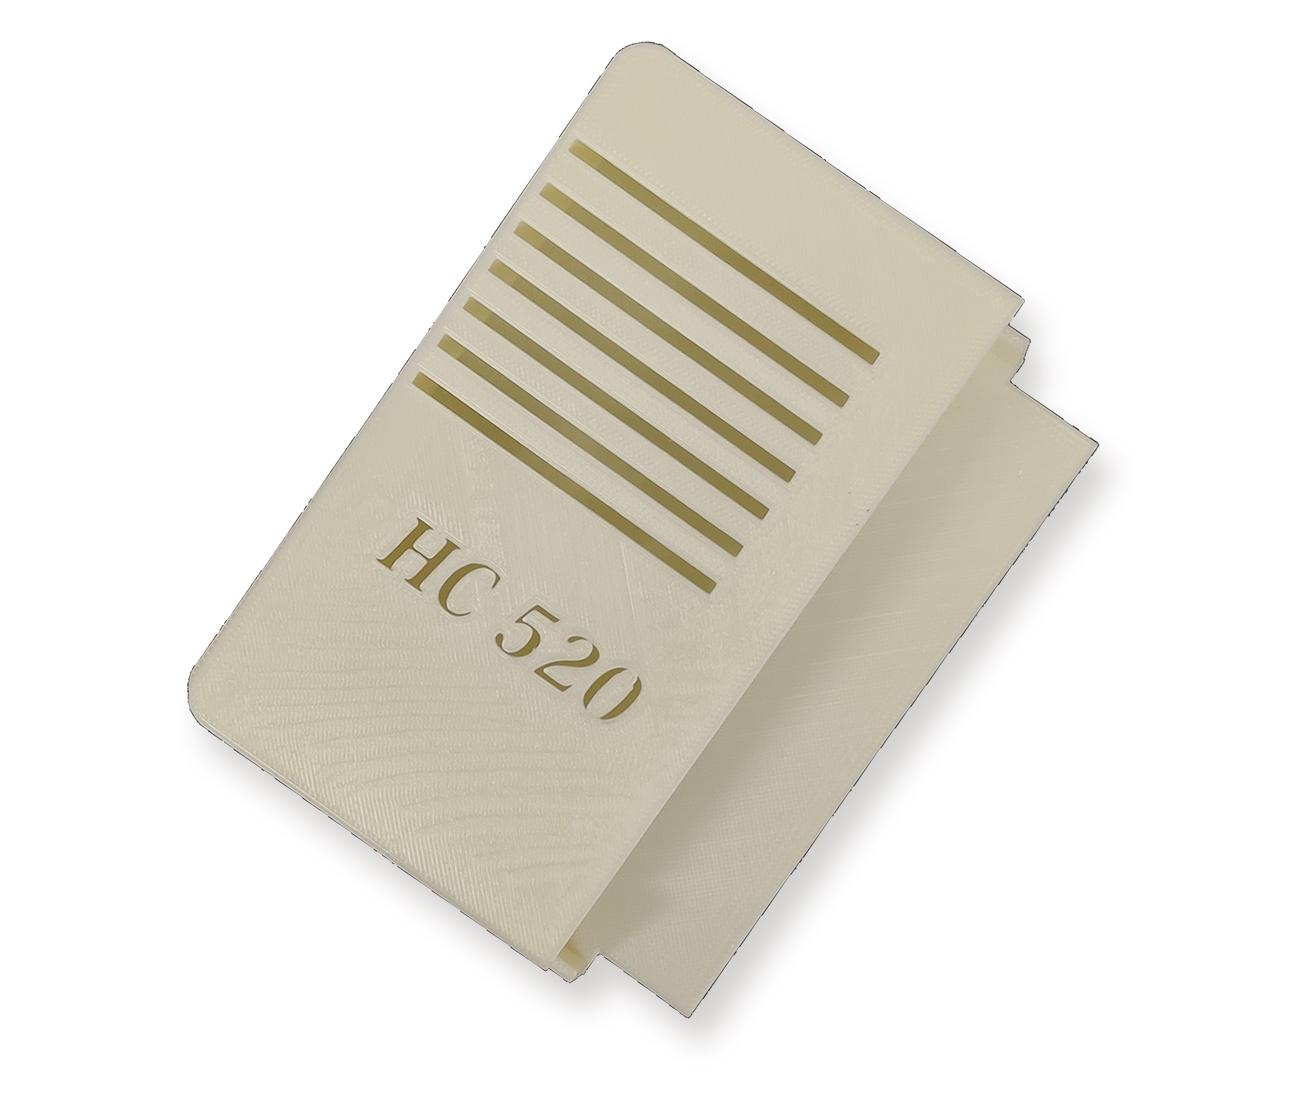 Classic Amiga 520 Case